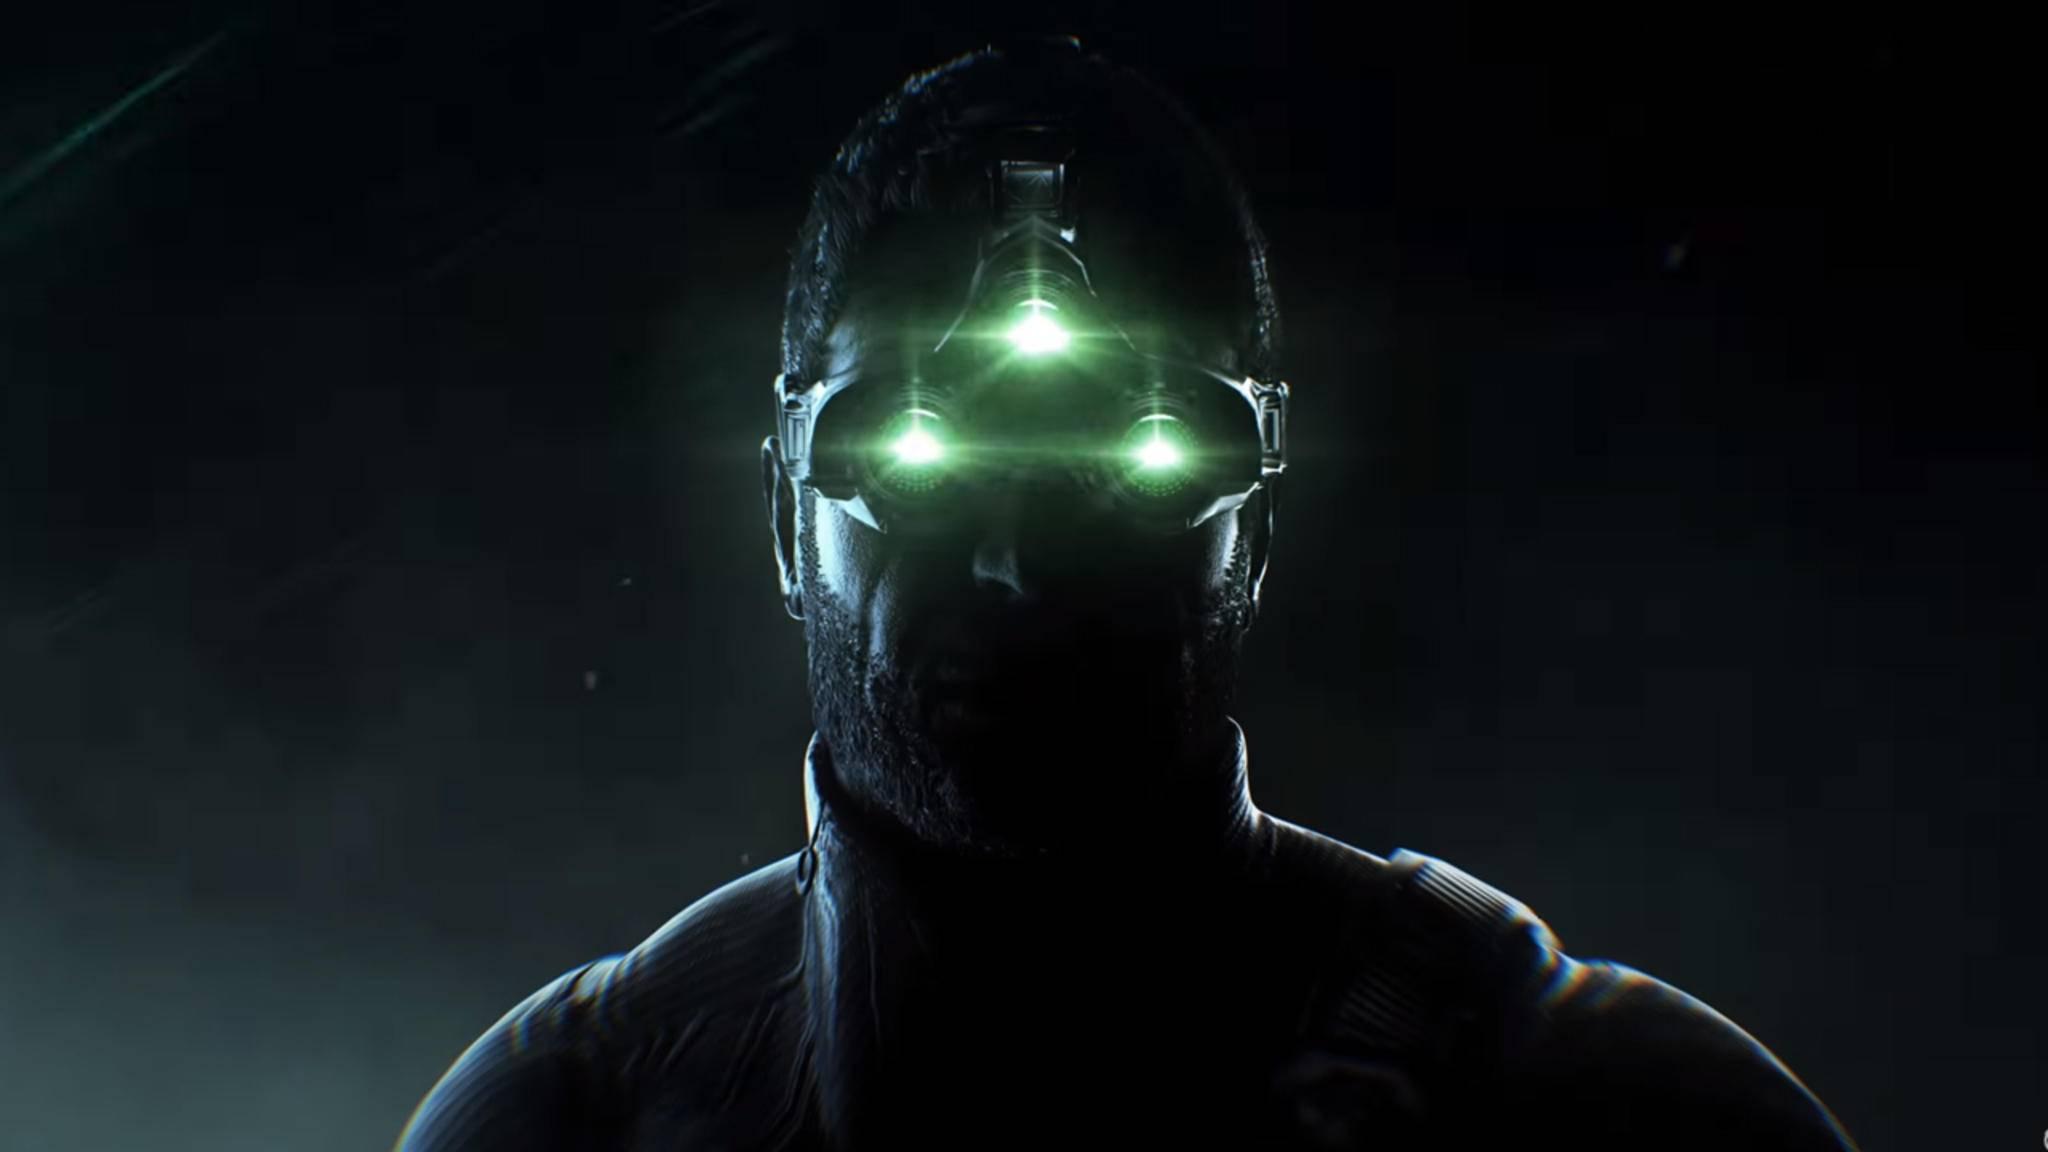 """Drei grüne Punkte: Könnten betrunkene Glühwürmchen sein, sind aber das ikonische Markenzeichen von """"Splinter Cell""""."""